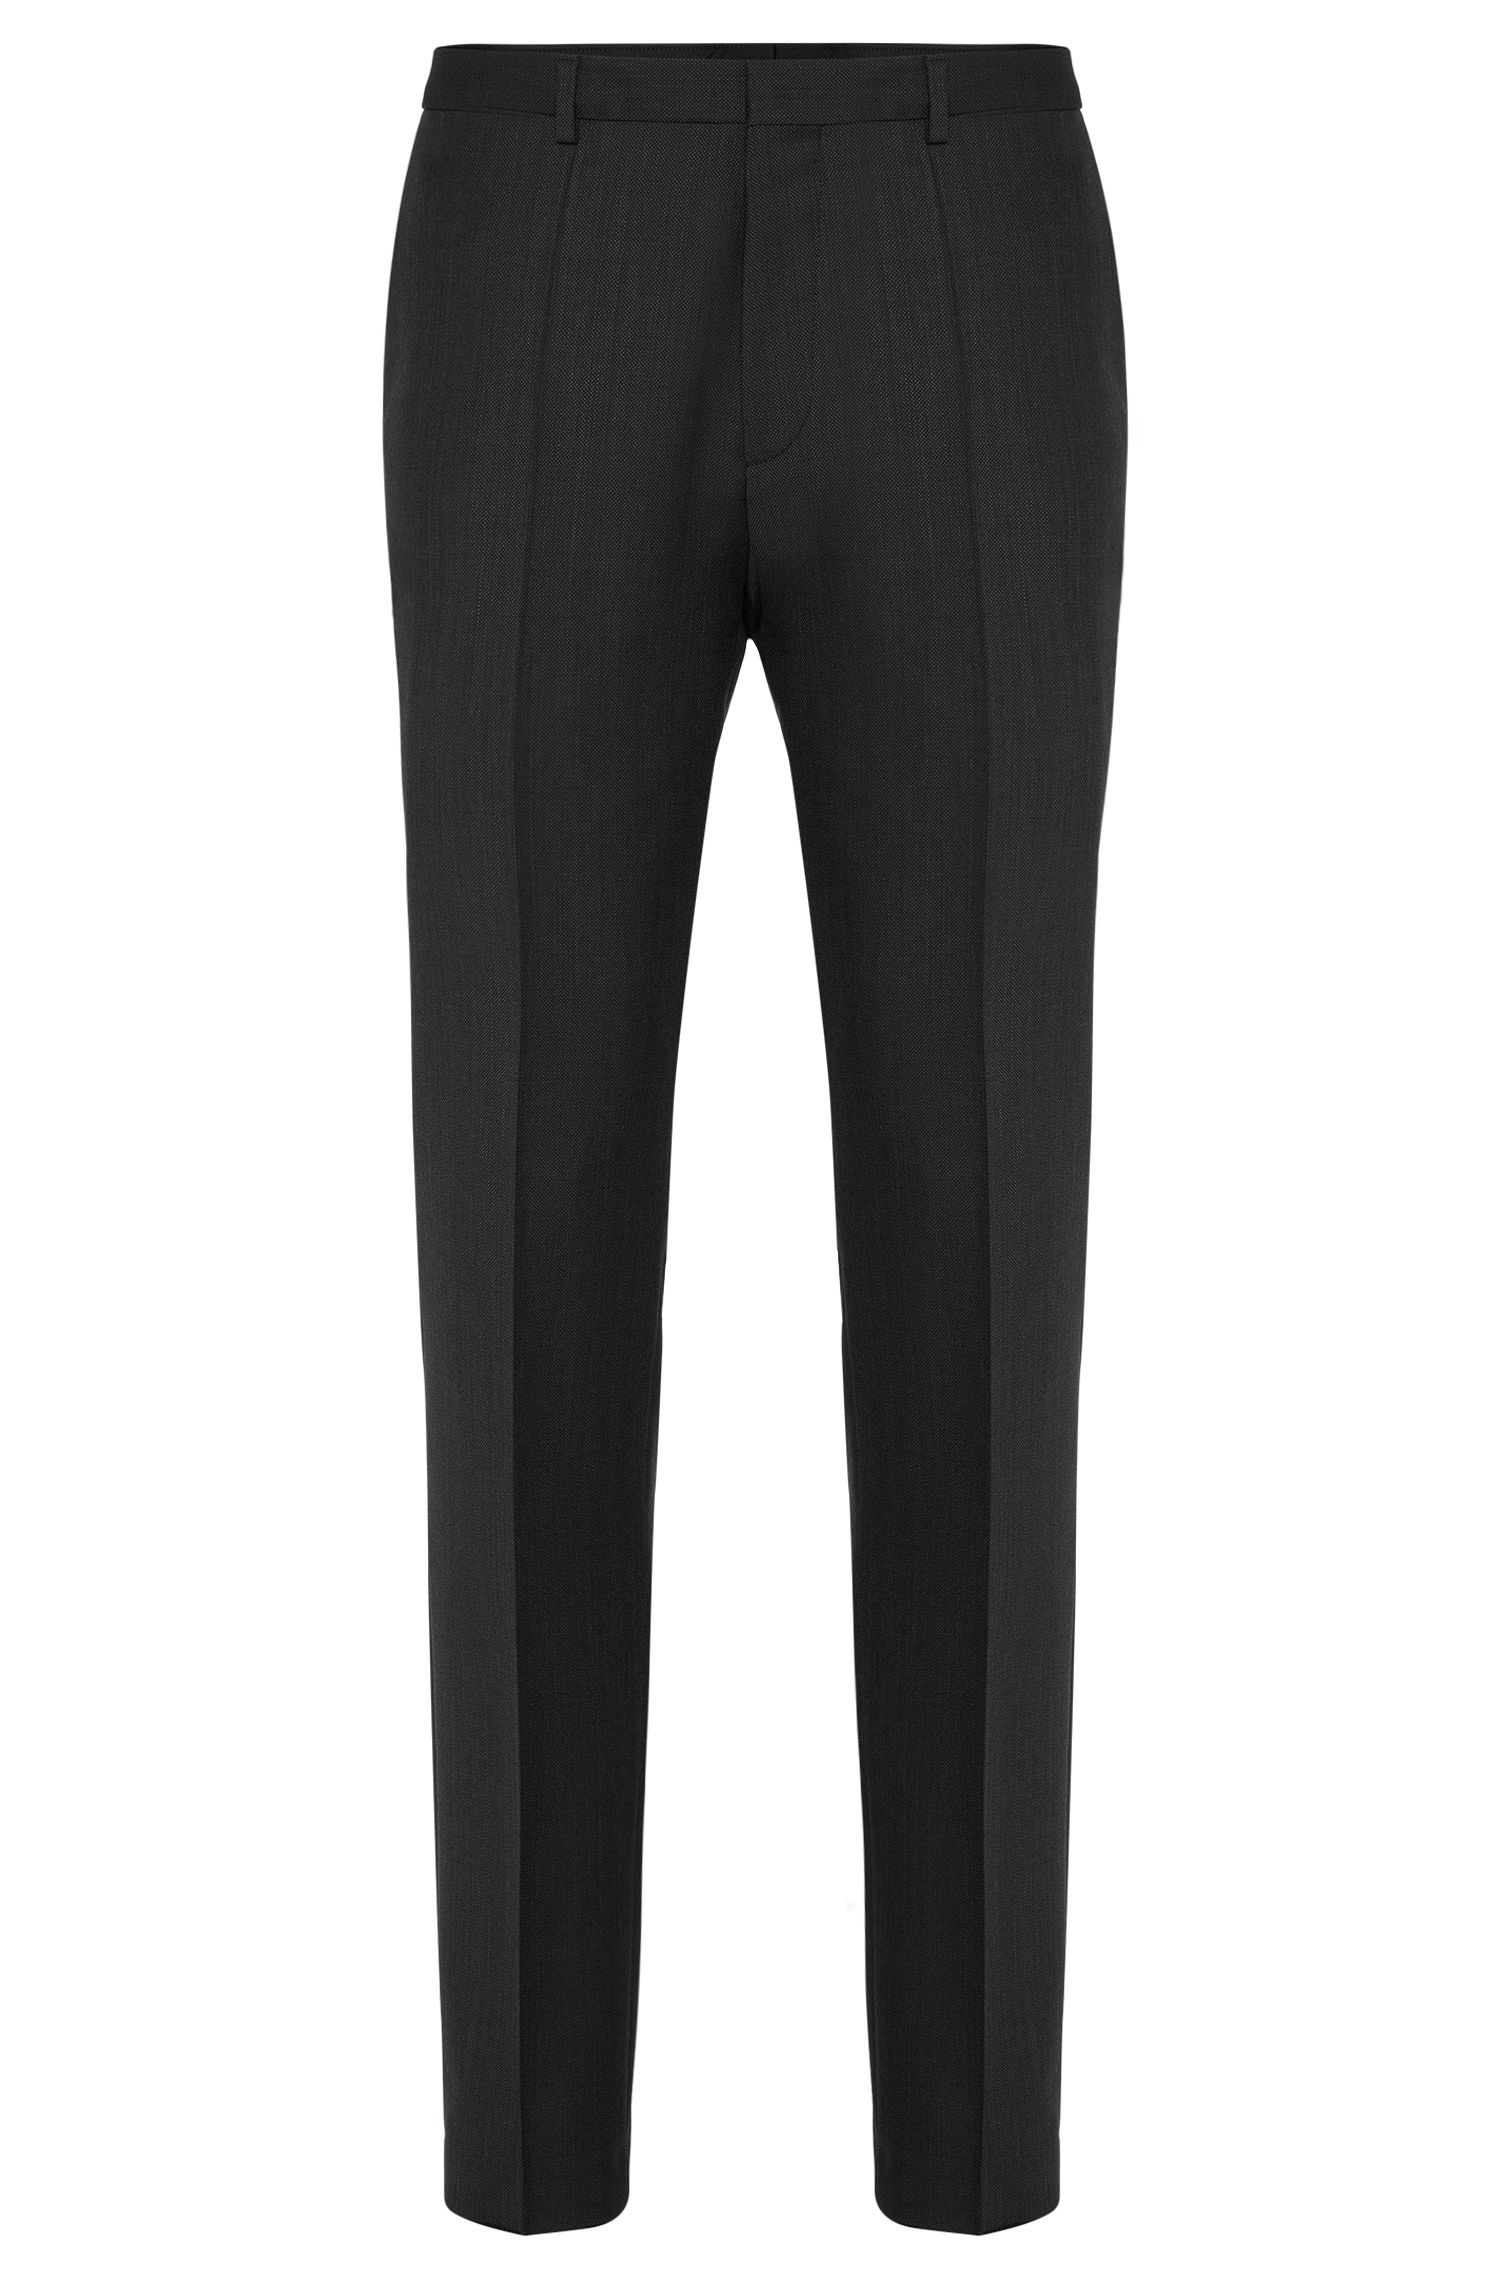 Fein strukturierte Extra-Slim-Fit Hose aus Schurwolle: 'HerioS'